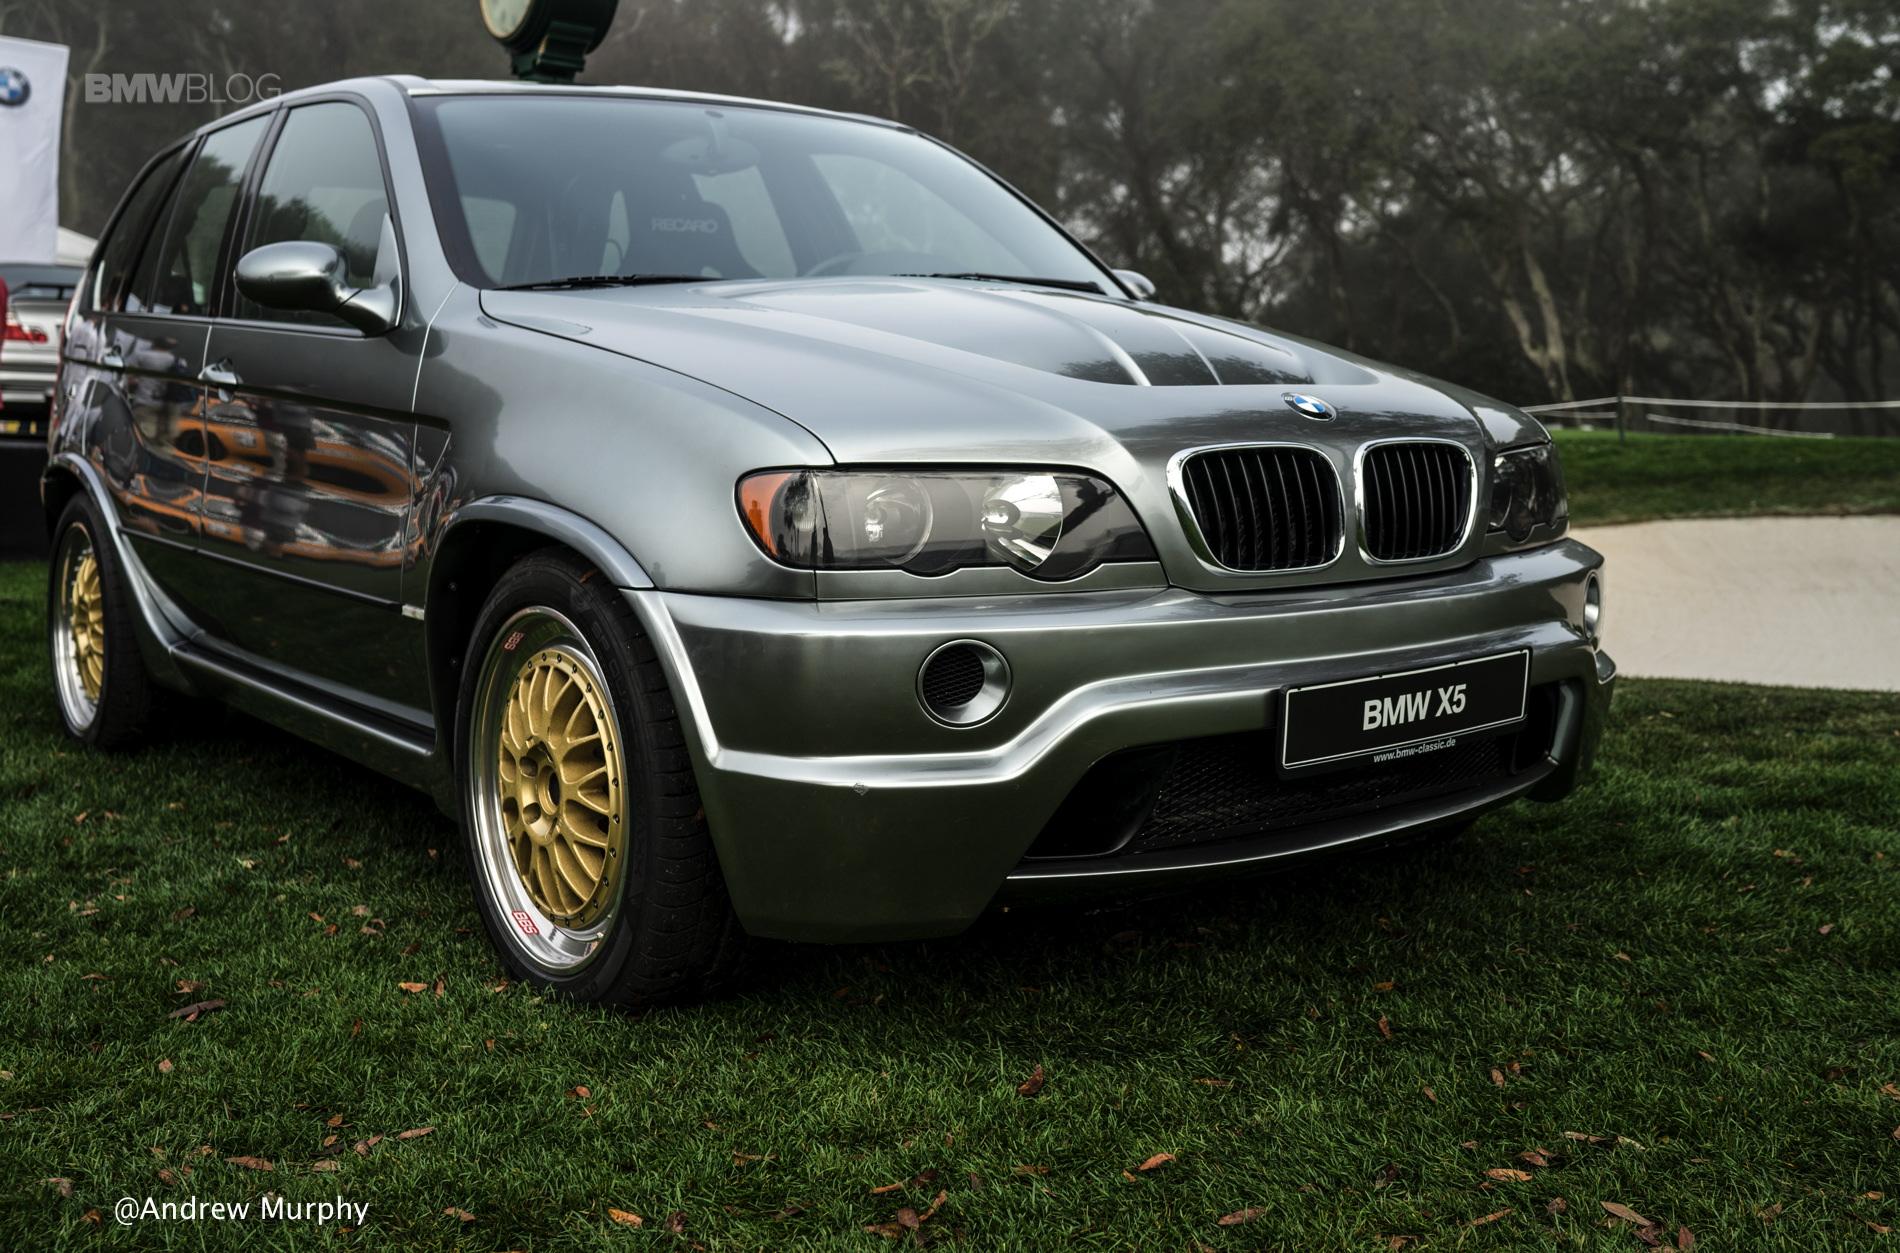 BMW X5 LeMans images 1